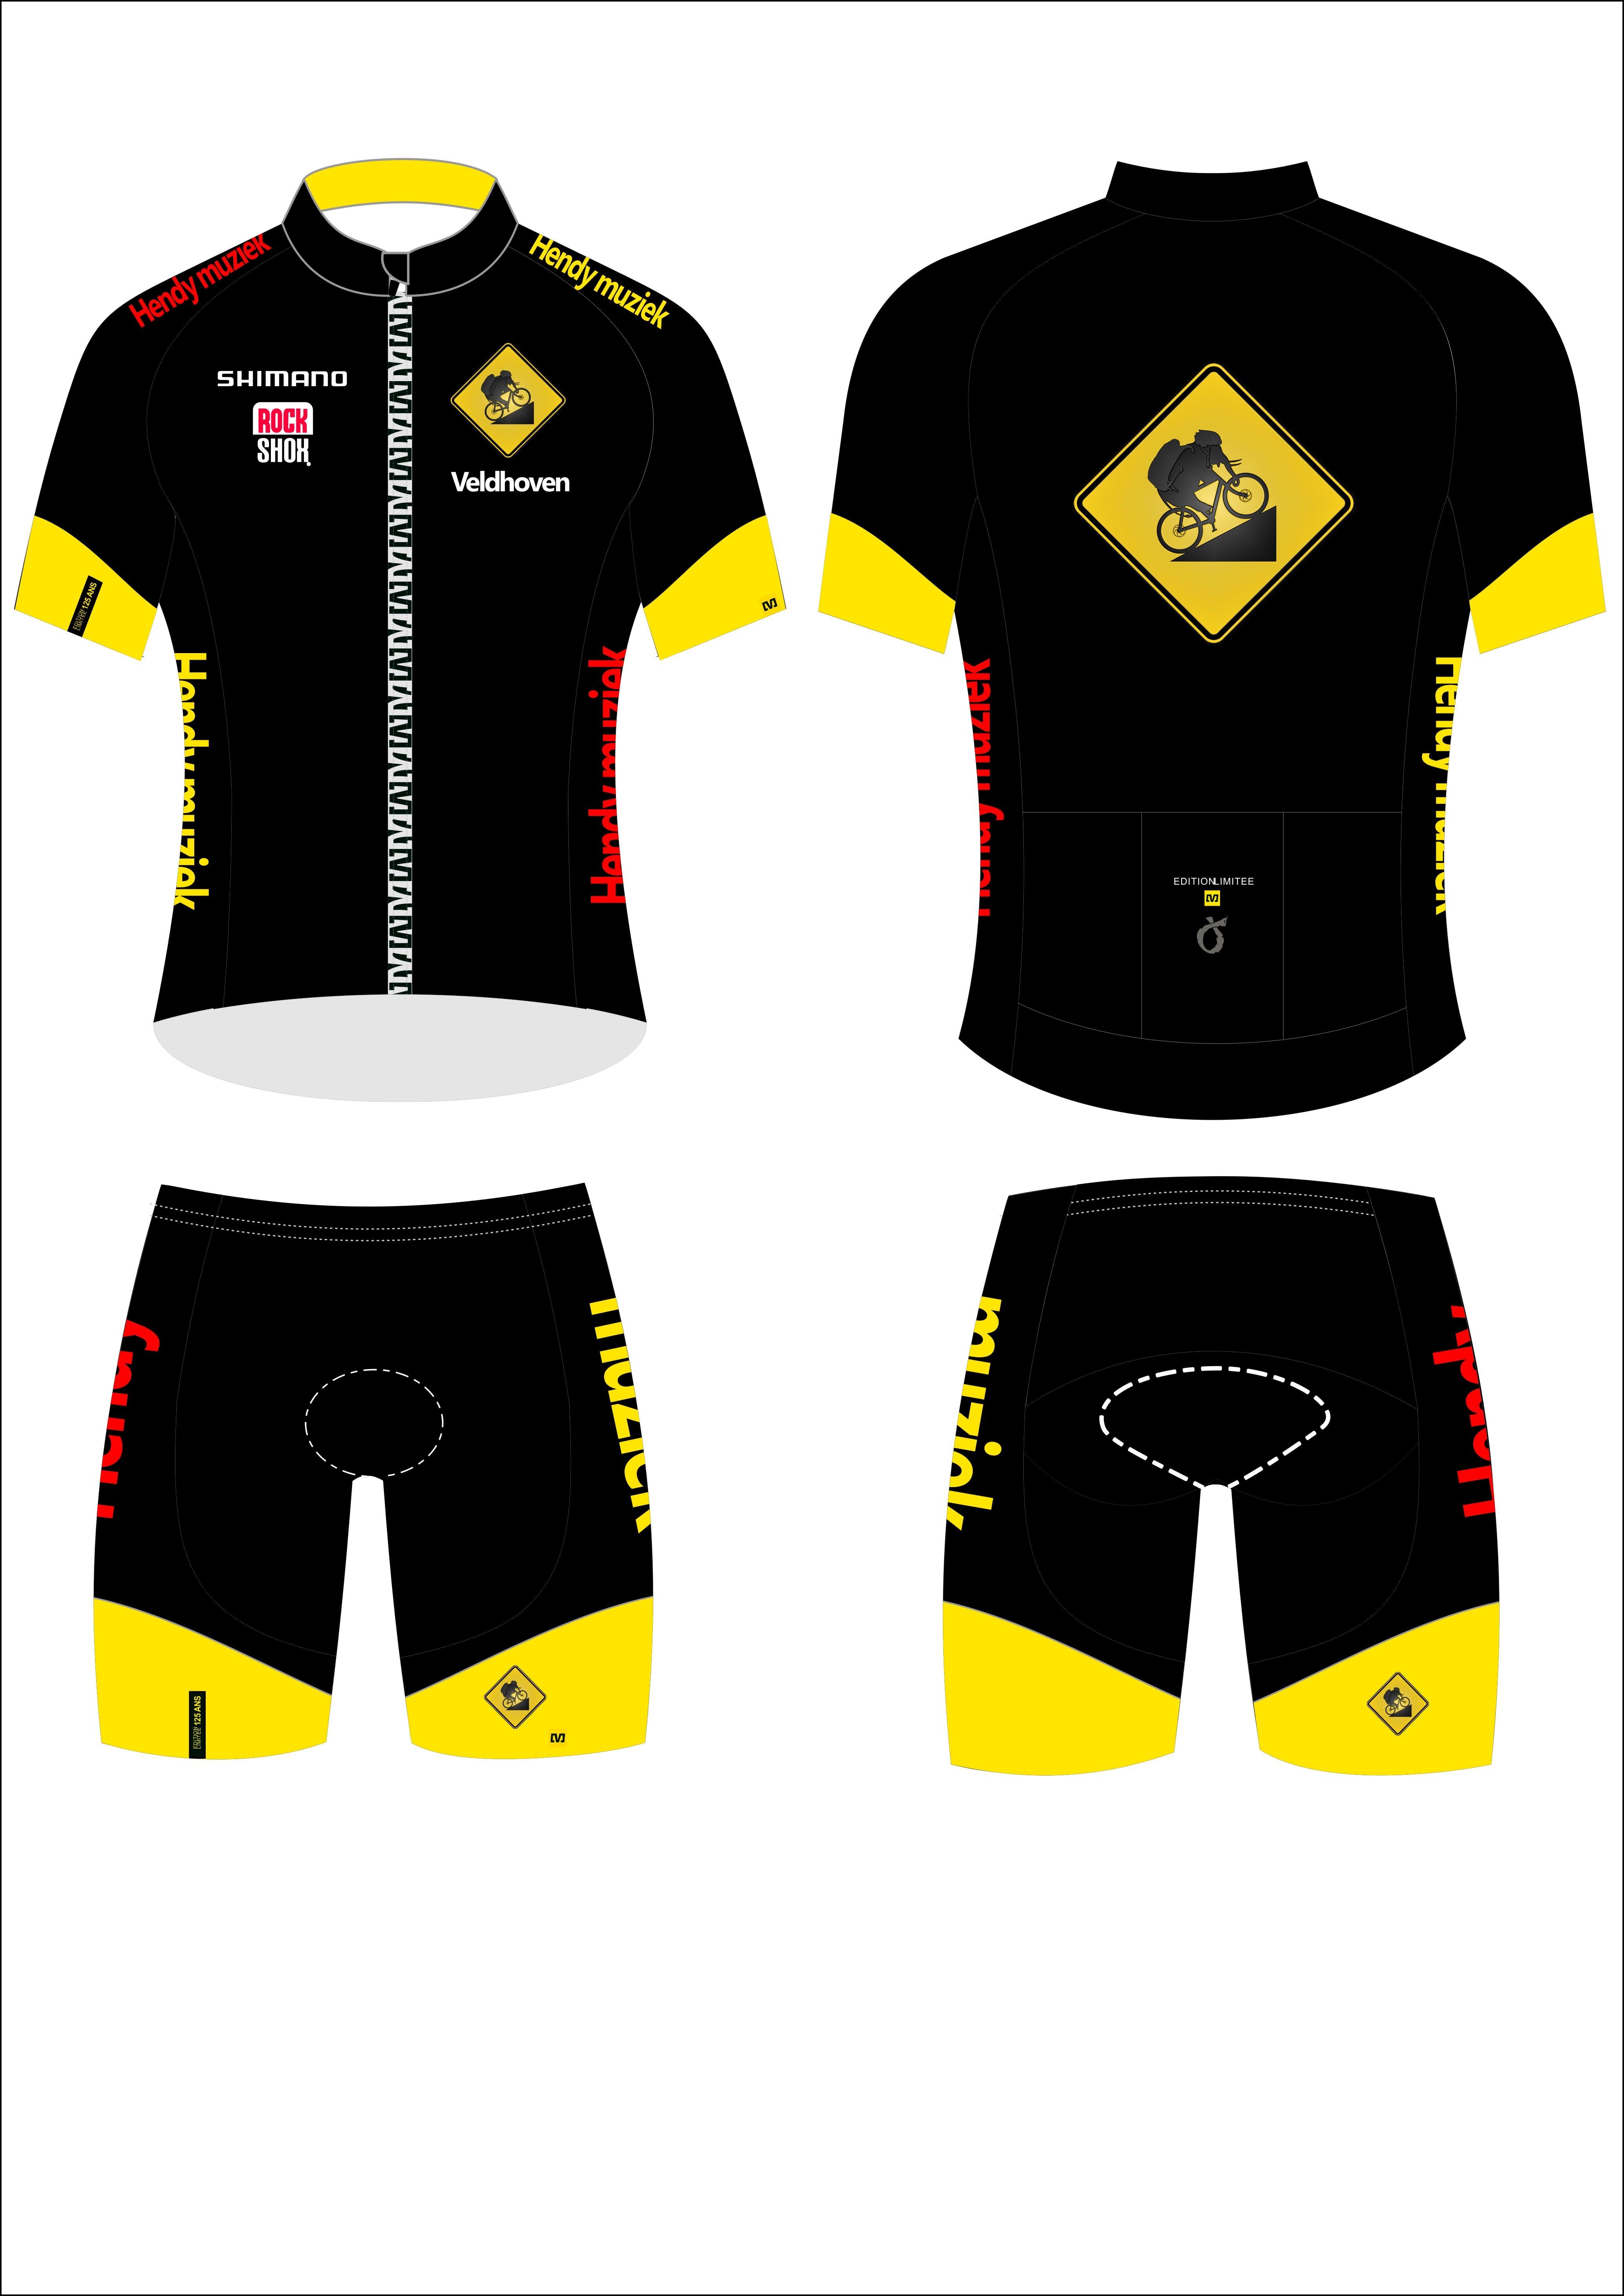 Pro équipe personnalisée cyclisme ensembles Ropa ciclismo marque personnalisée cyclisme vêtements OEM conception abordable n'importe quelle couleur n'importe quelle taille